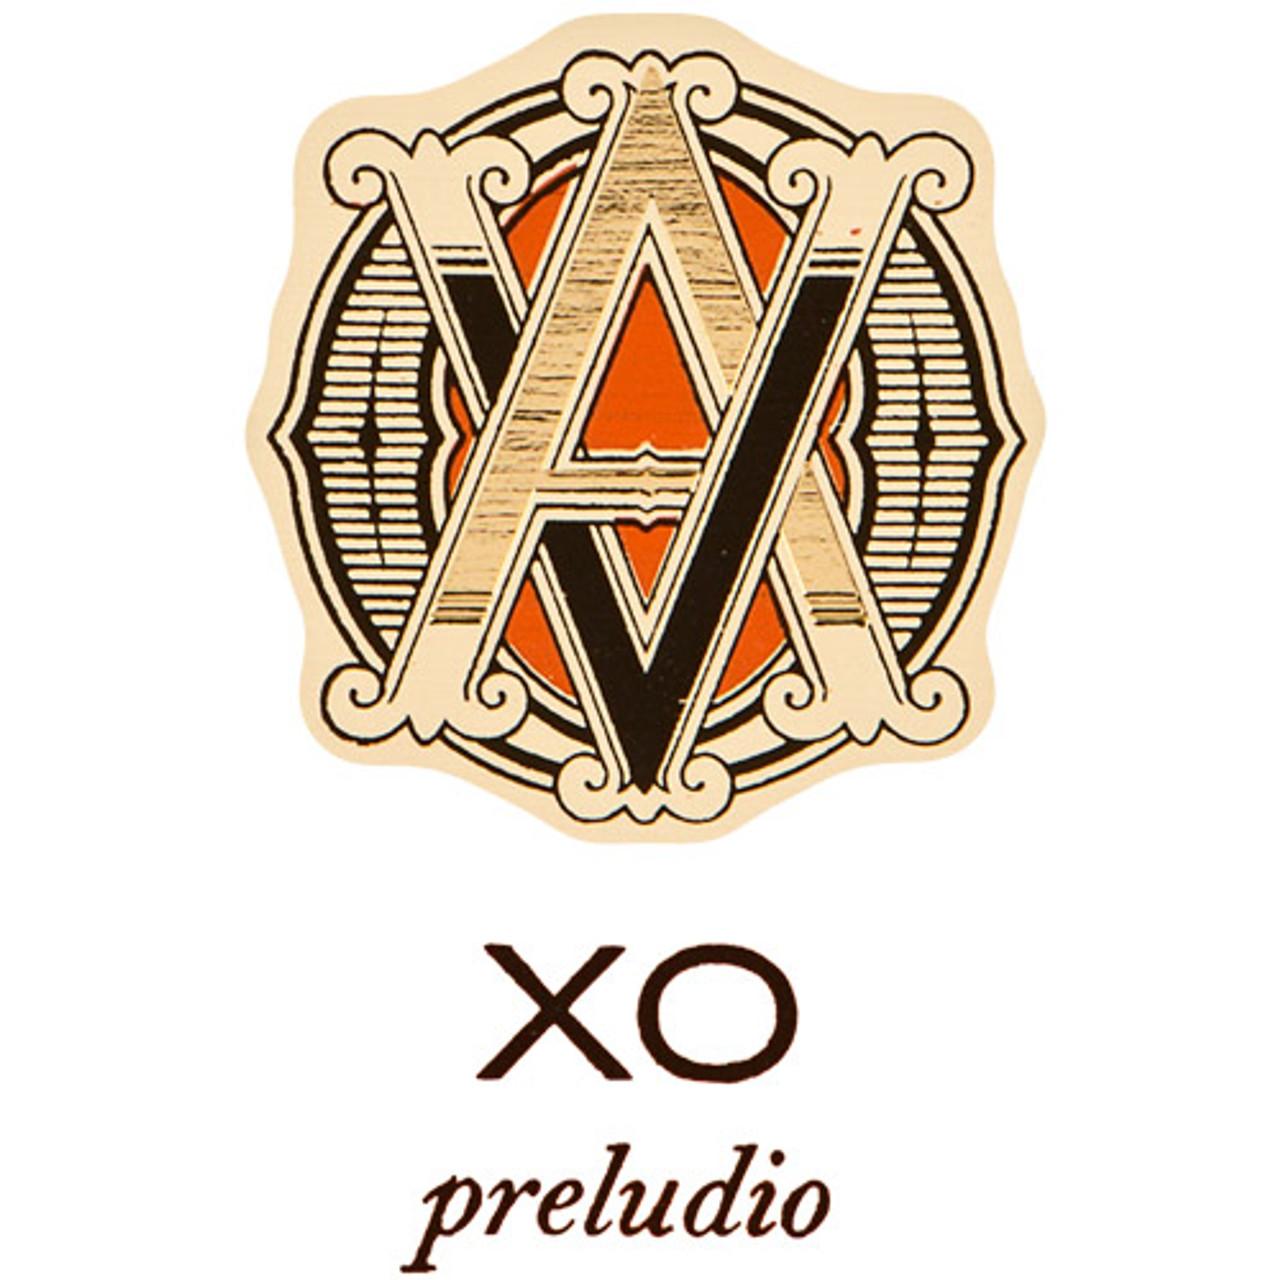 AVO XO Intermezzo Tubo Cigars - 5 x 50 (Box of 20)